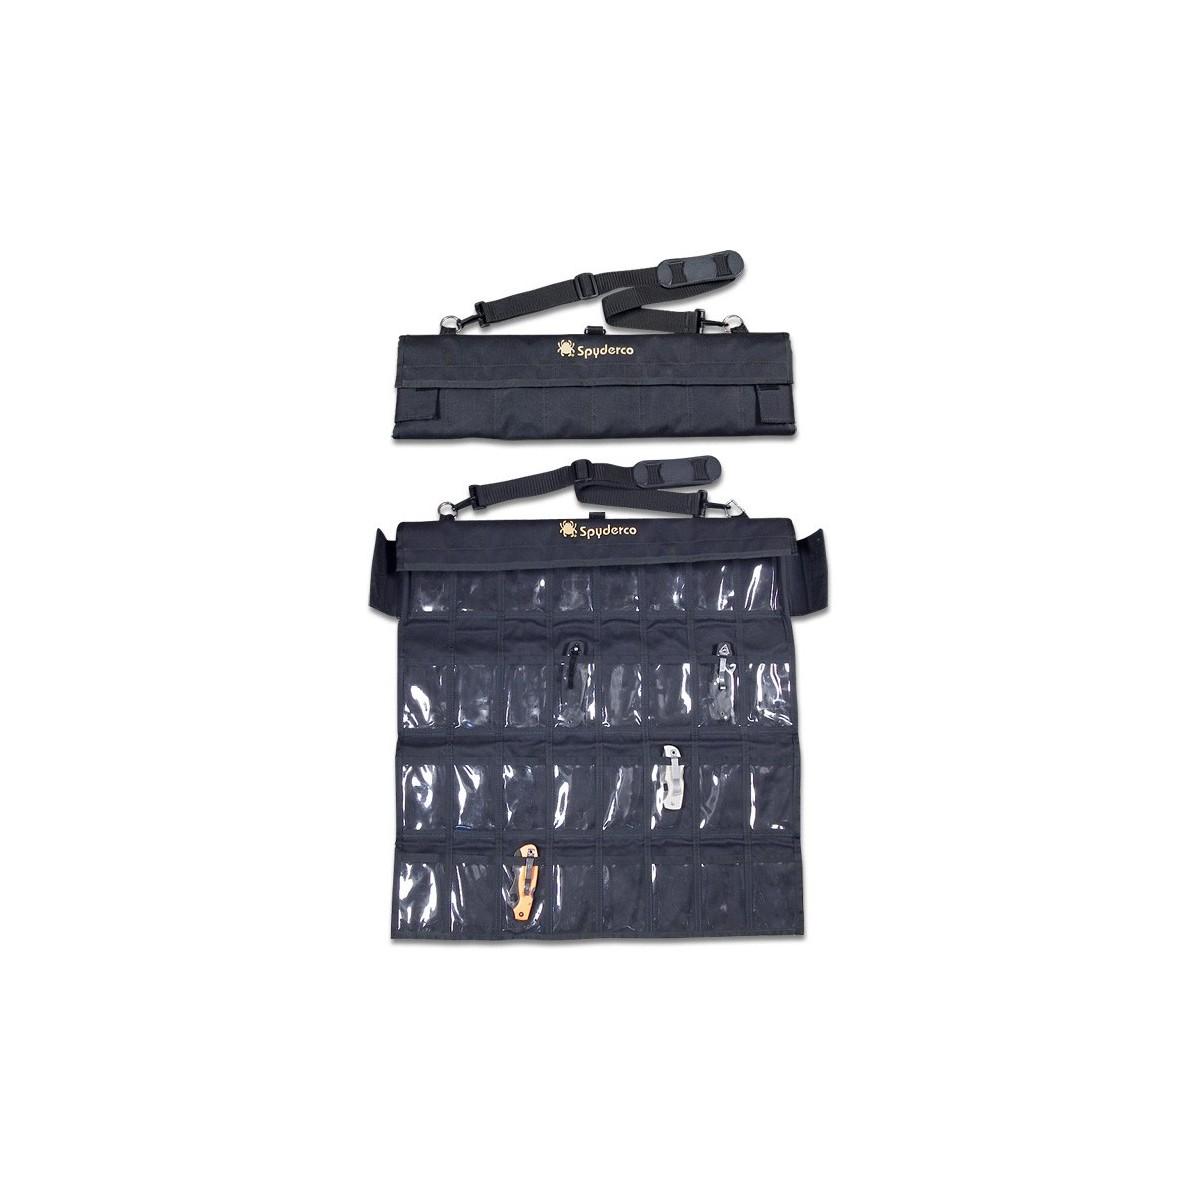 กระเป๋าใส่มีด Spyderco Spyderpac Cordura Large Carrying Case, Holds 30 Folding Knives,SP1